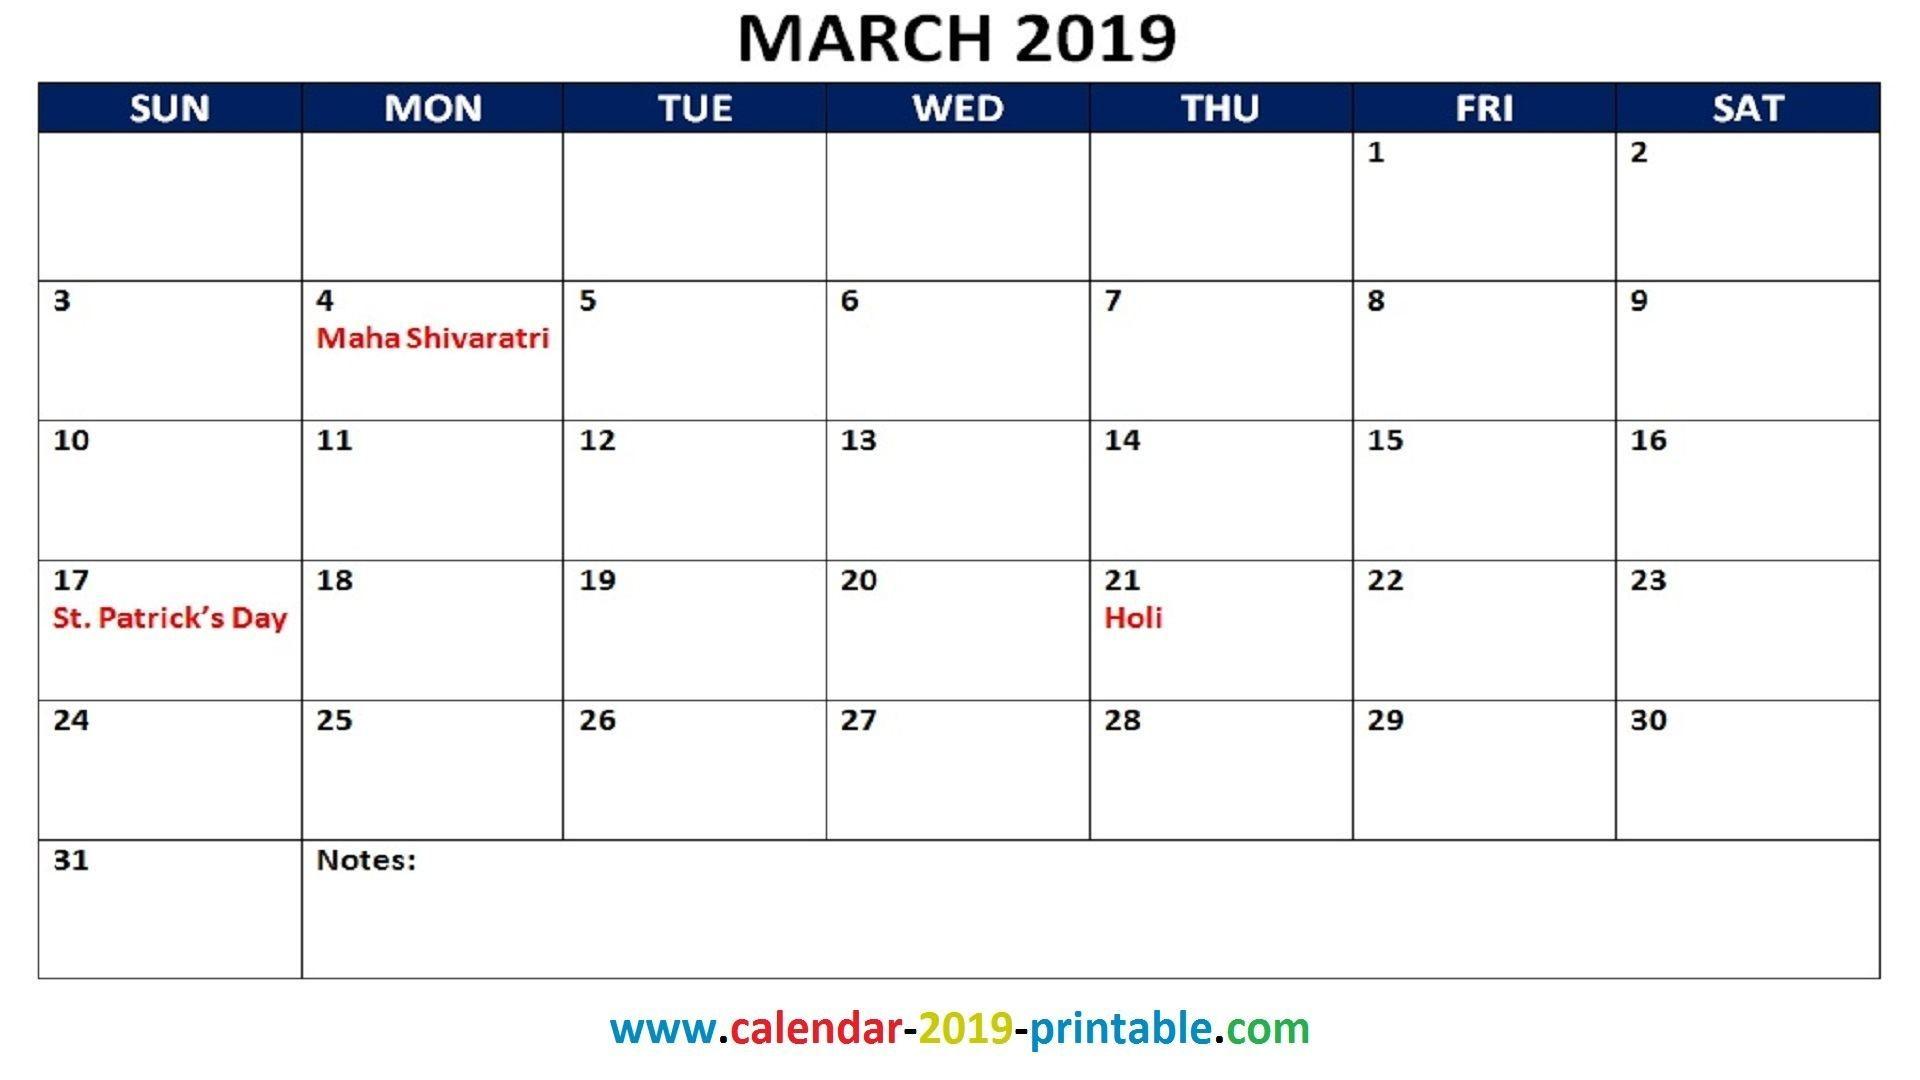 March Holiday Calendar 2019 Mejores Y Más Novedosos March 2019 Calendar Printable with Holidays